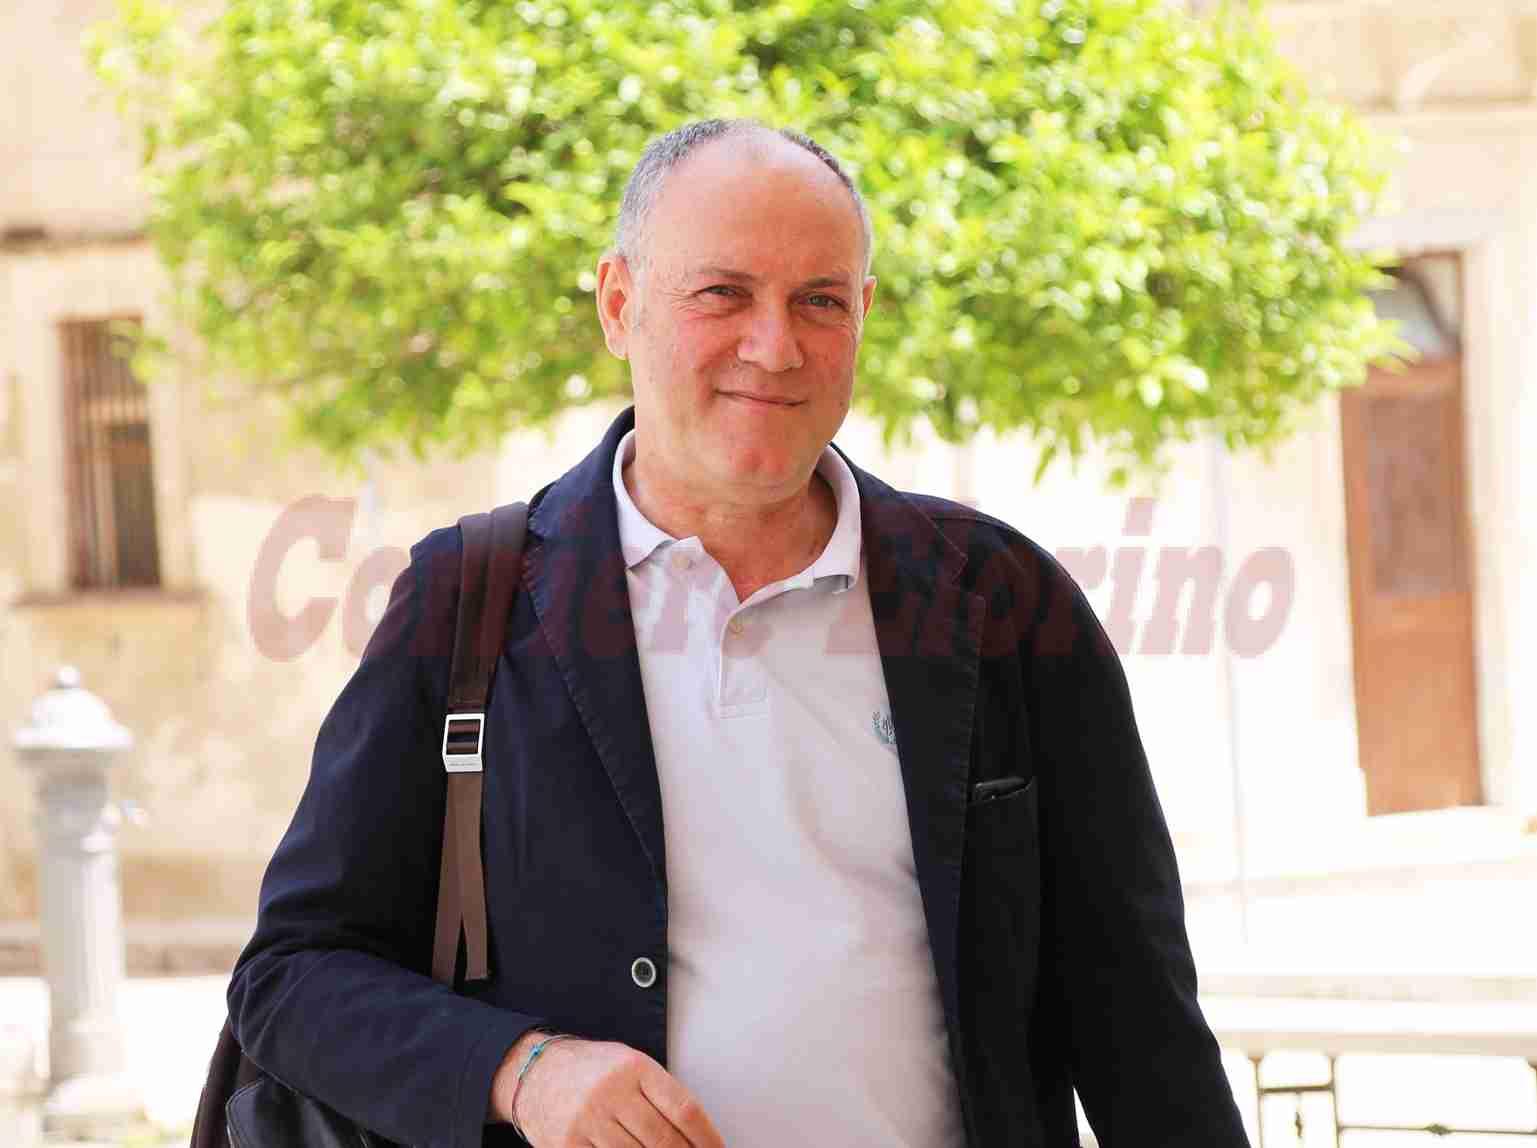 Il Commissario Cocco nomina il Dott. Vignigni esperto finanziario dell'Ente a titolo oneroso